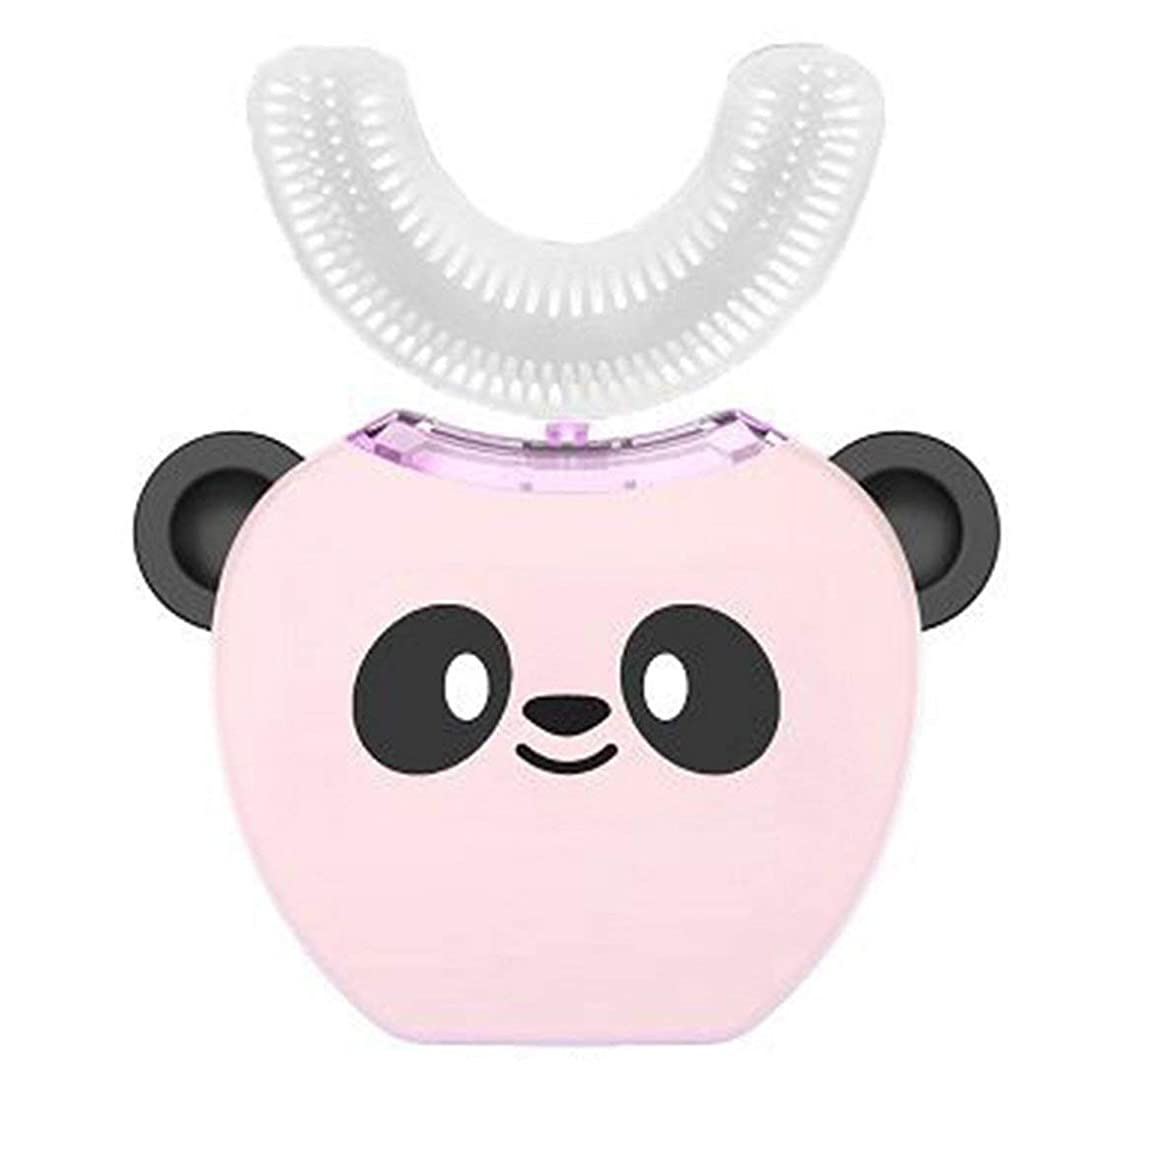 マイルストーン開梱栄光TinygrassAmy Smart Children's Toothbrush Ntelligent Automatic Mouth Mounted U-shaped Electric Toothbrush Rechargeable Baby Toothbrush(カラー:ピンク)